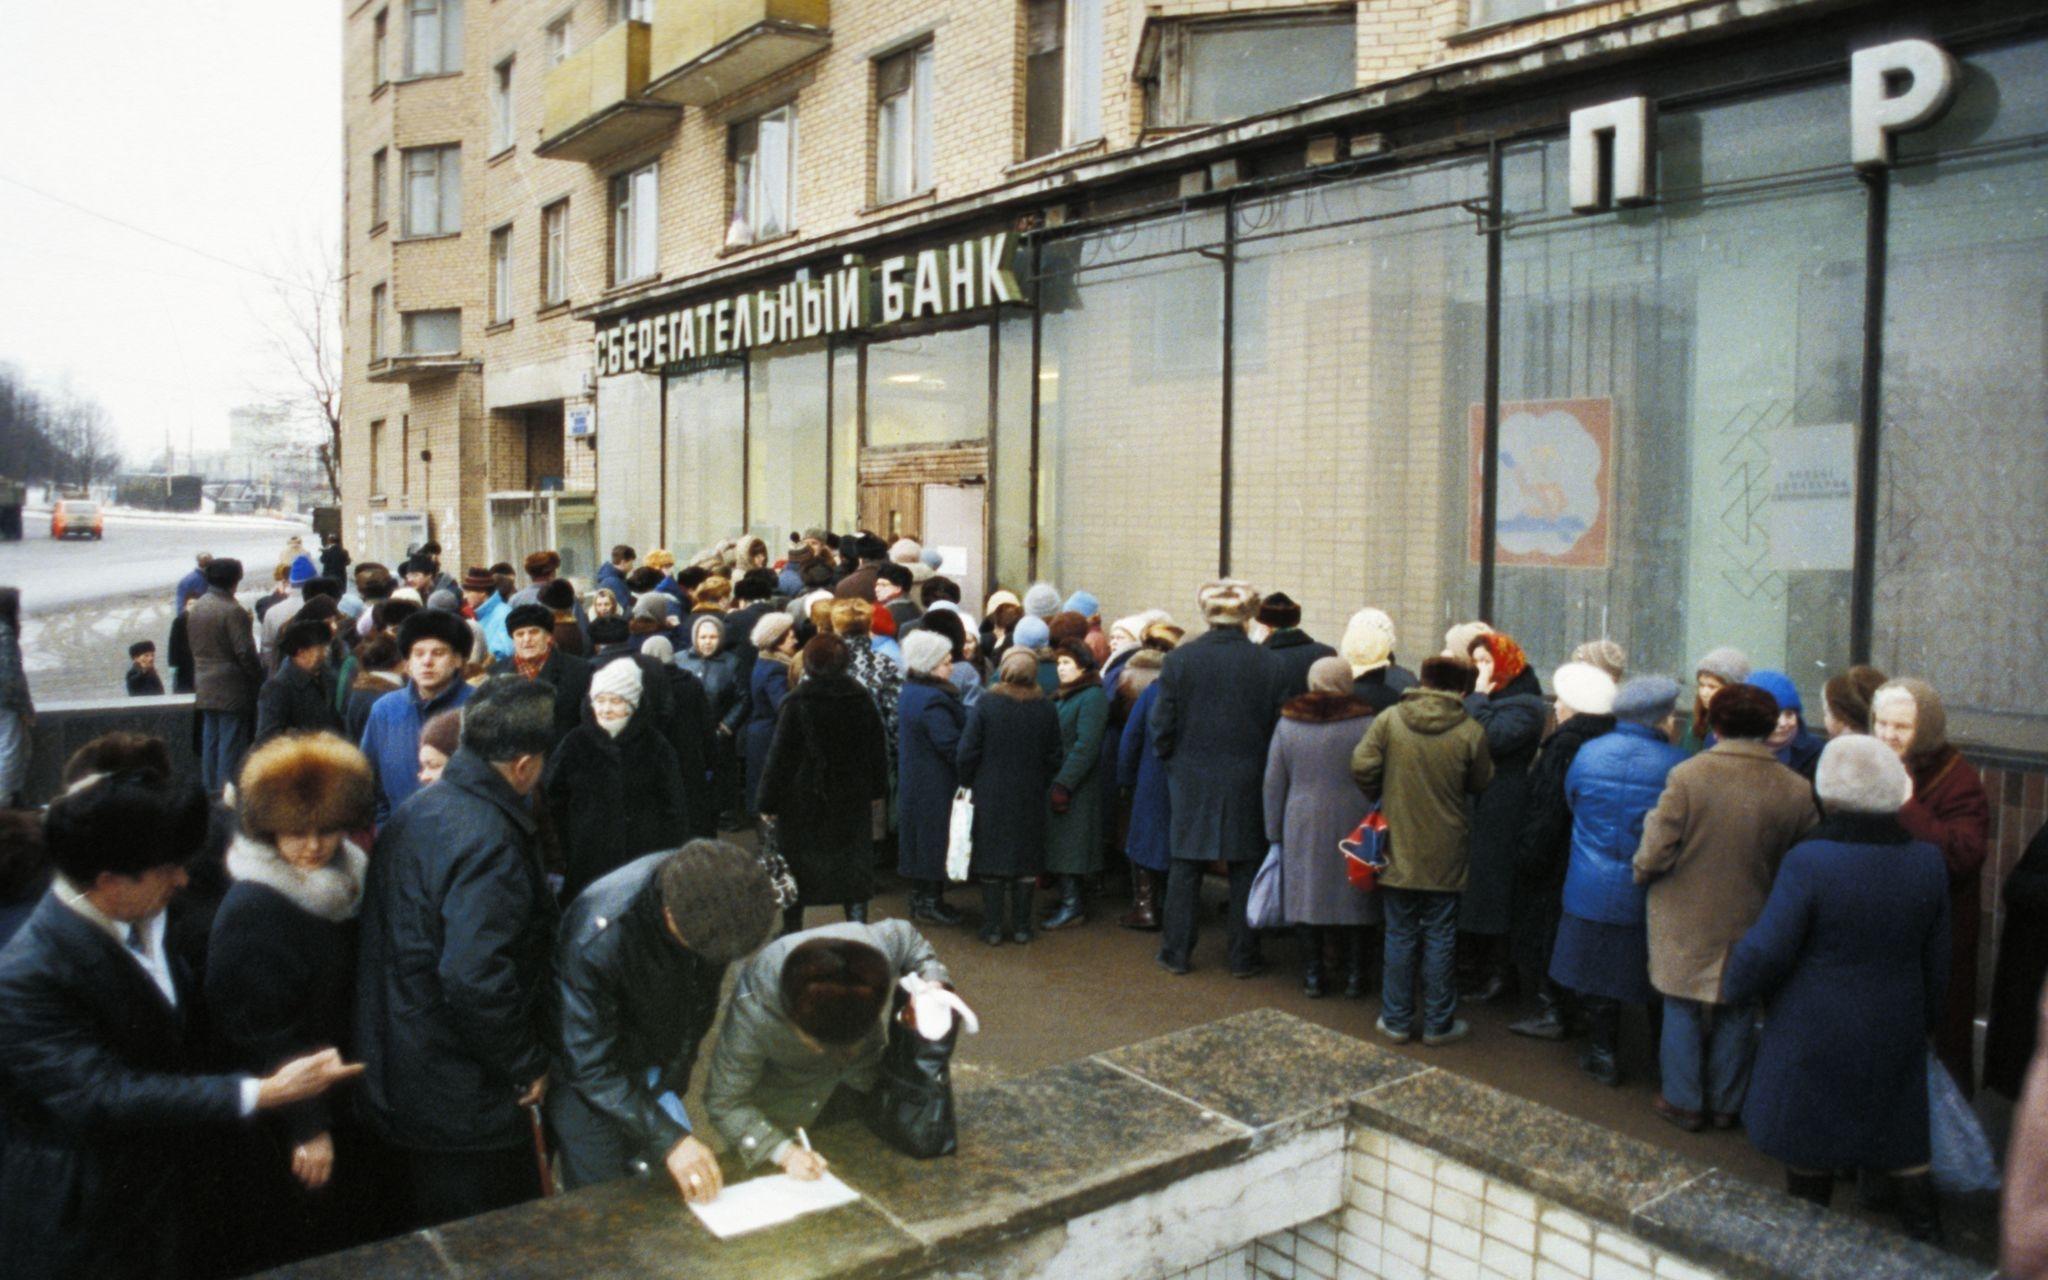 1990. Люди стоят в длинной очереди, чтобы положить деньги на счёт в Сбербанке. Москва